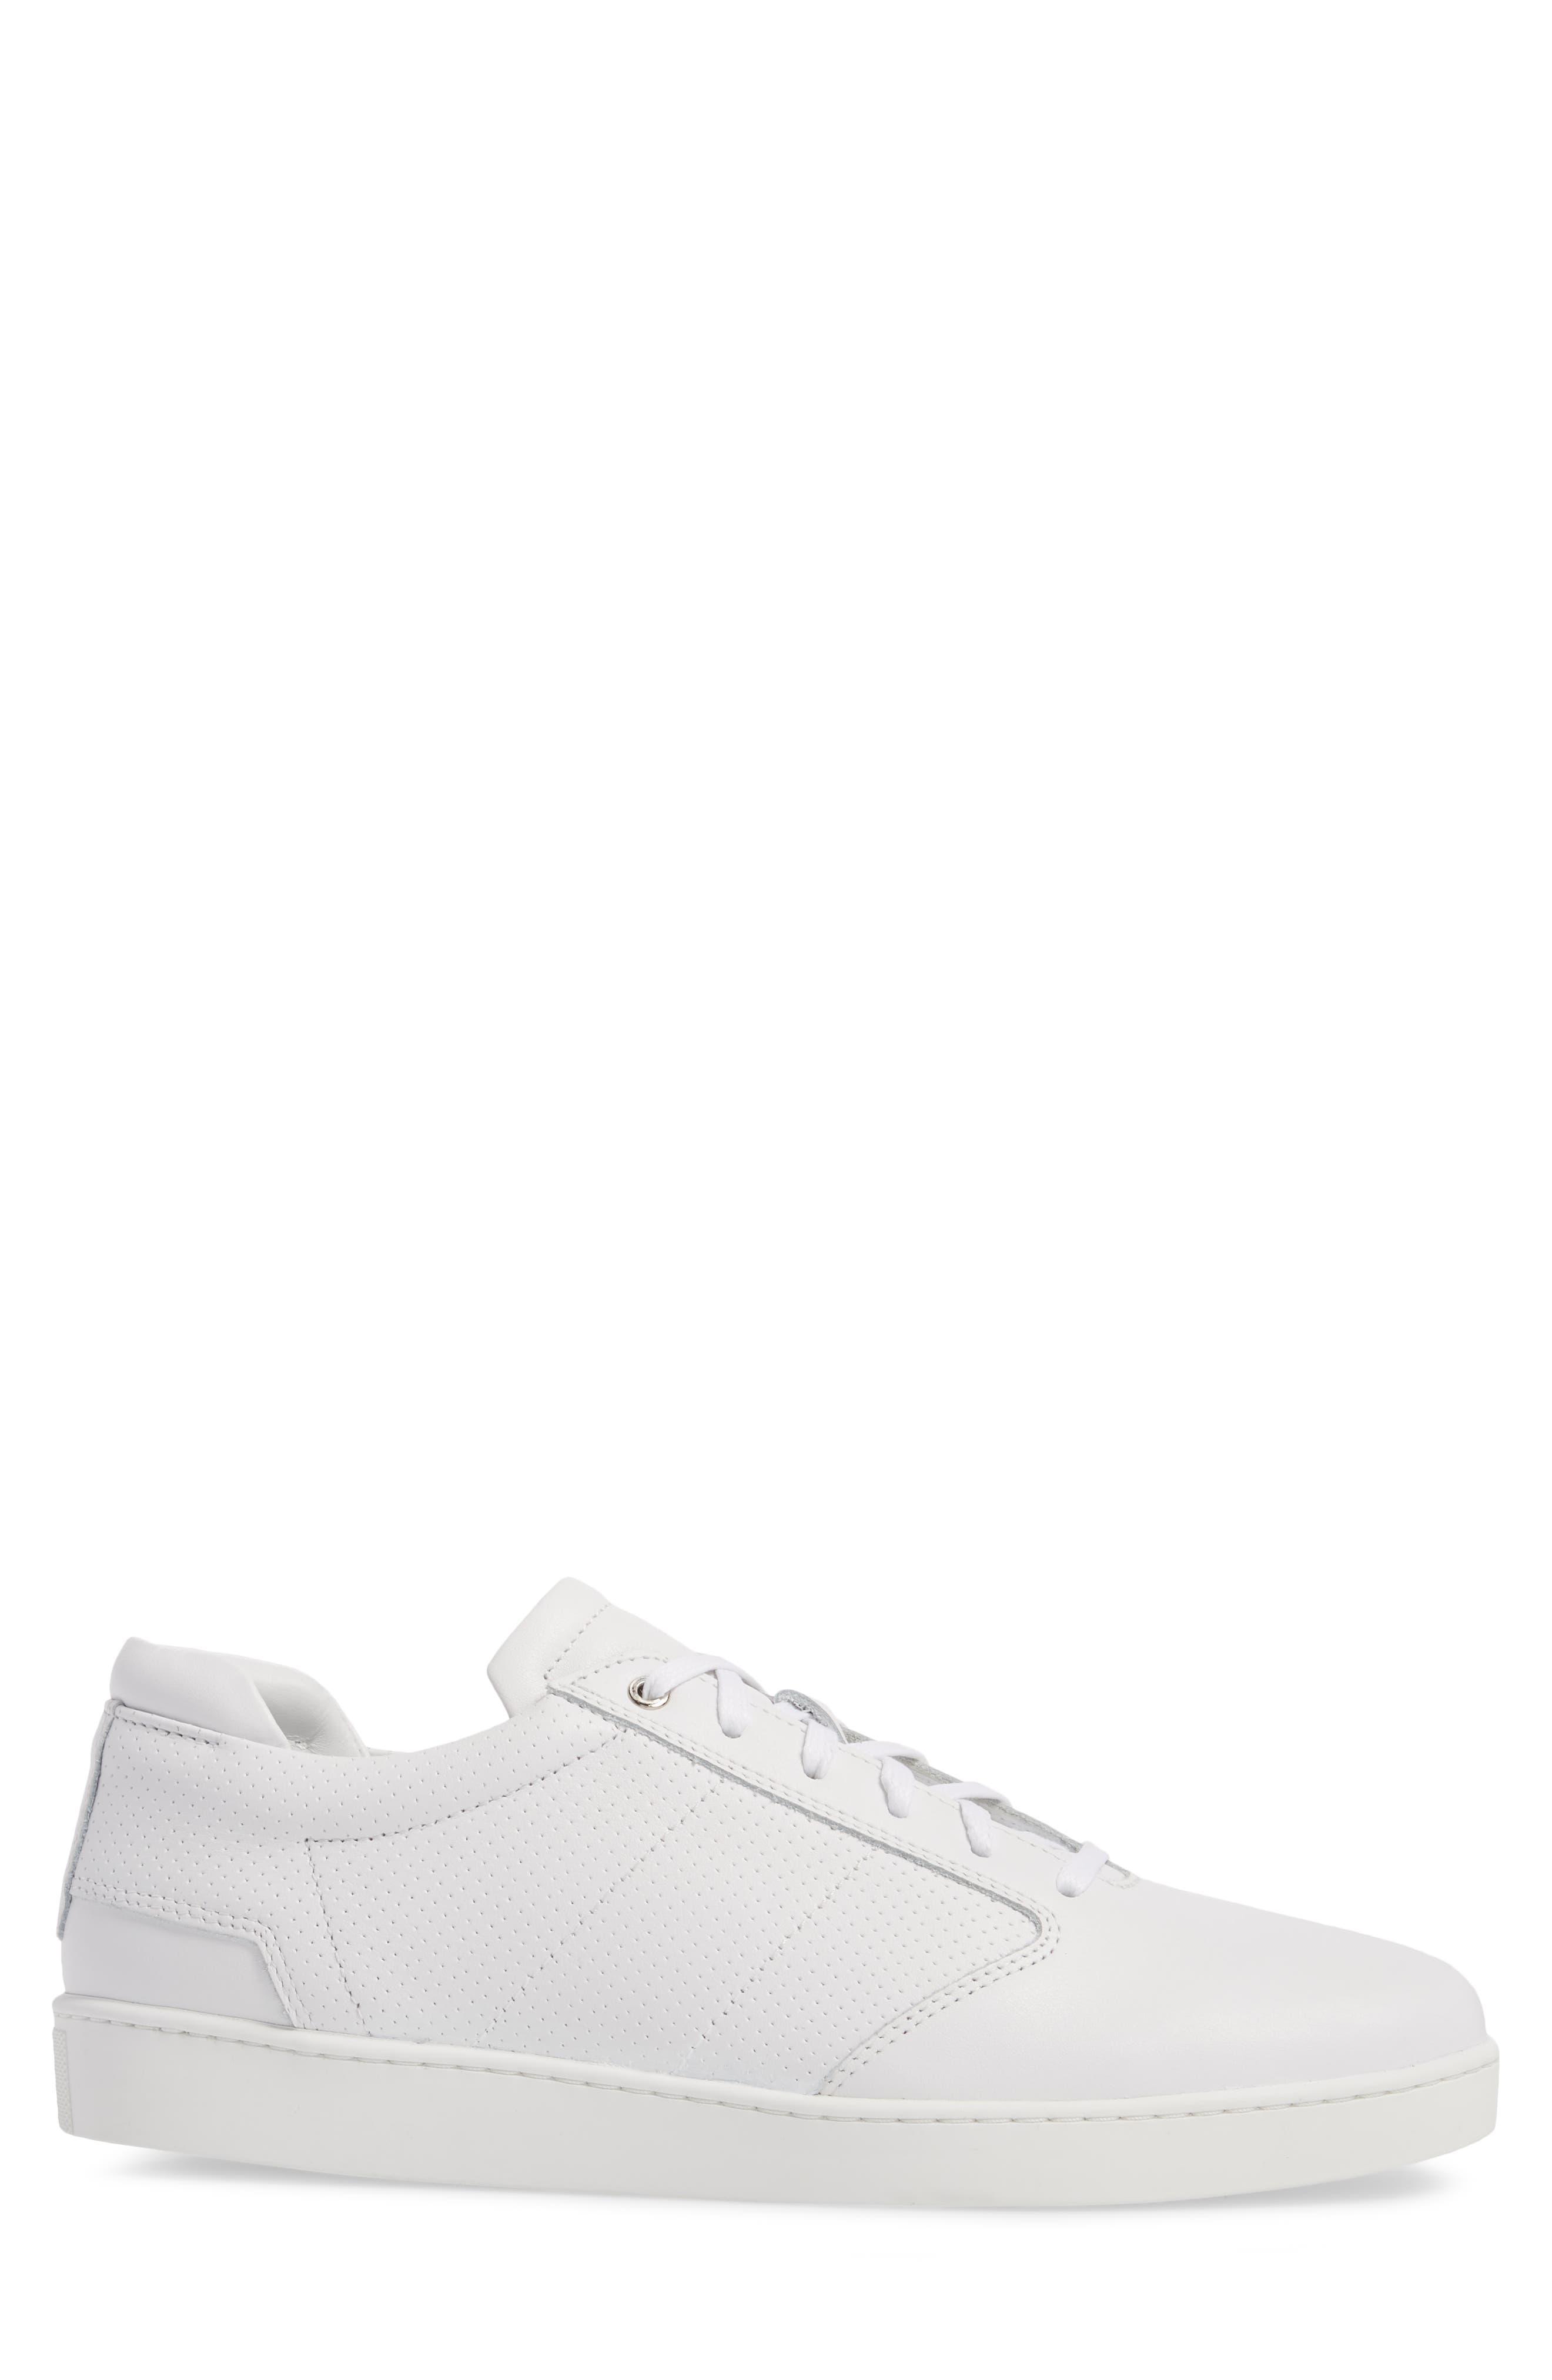 Lennon Sneaker,                             Alternate thumbnail 3, color,                             177